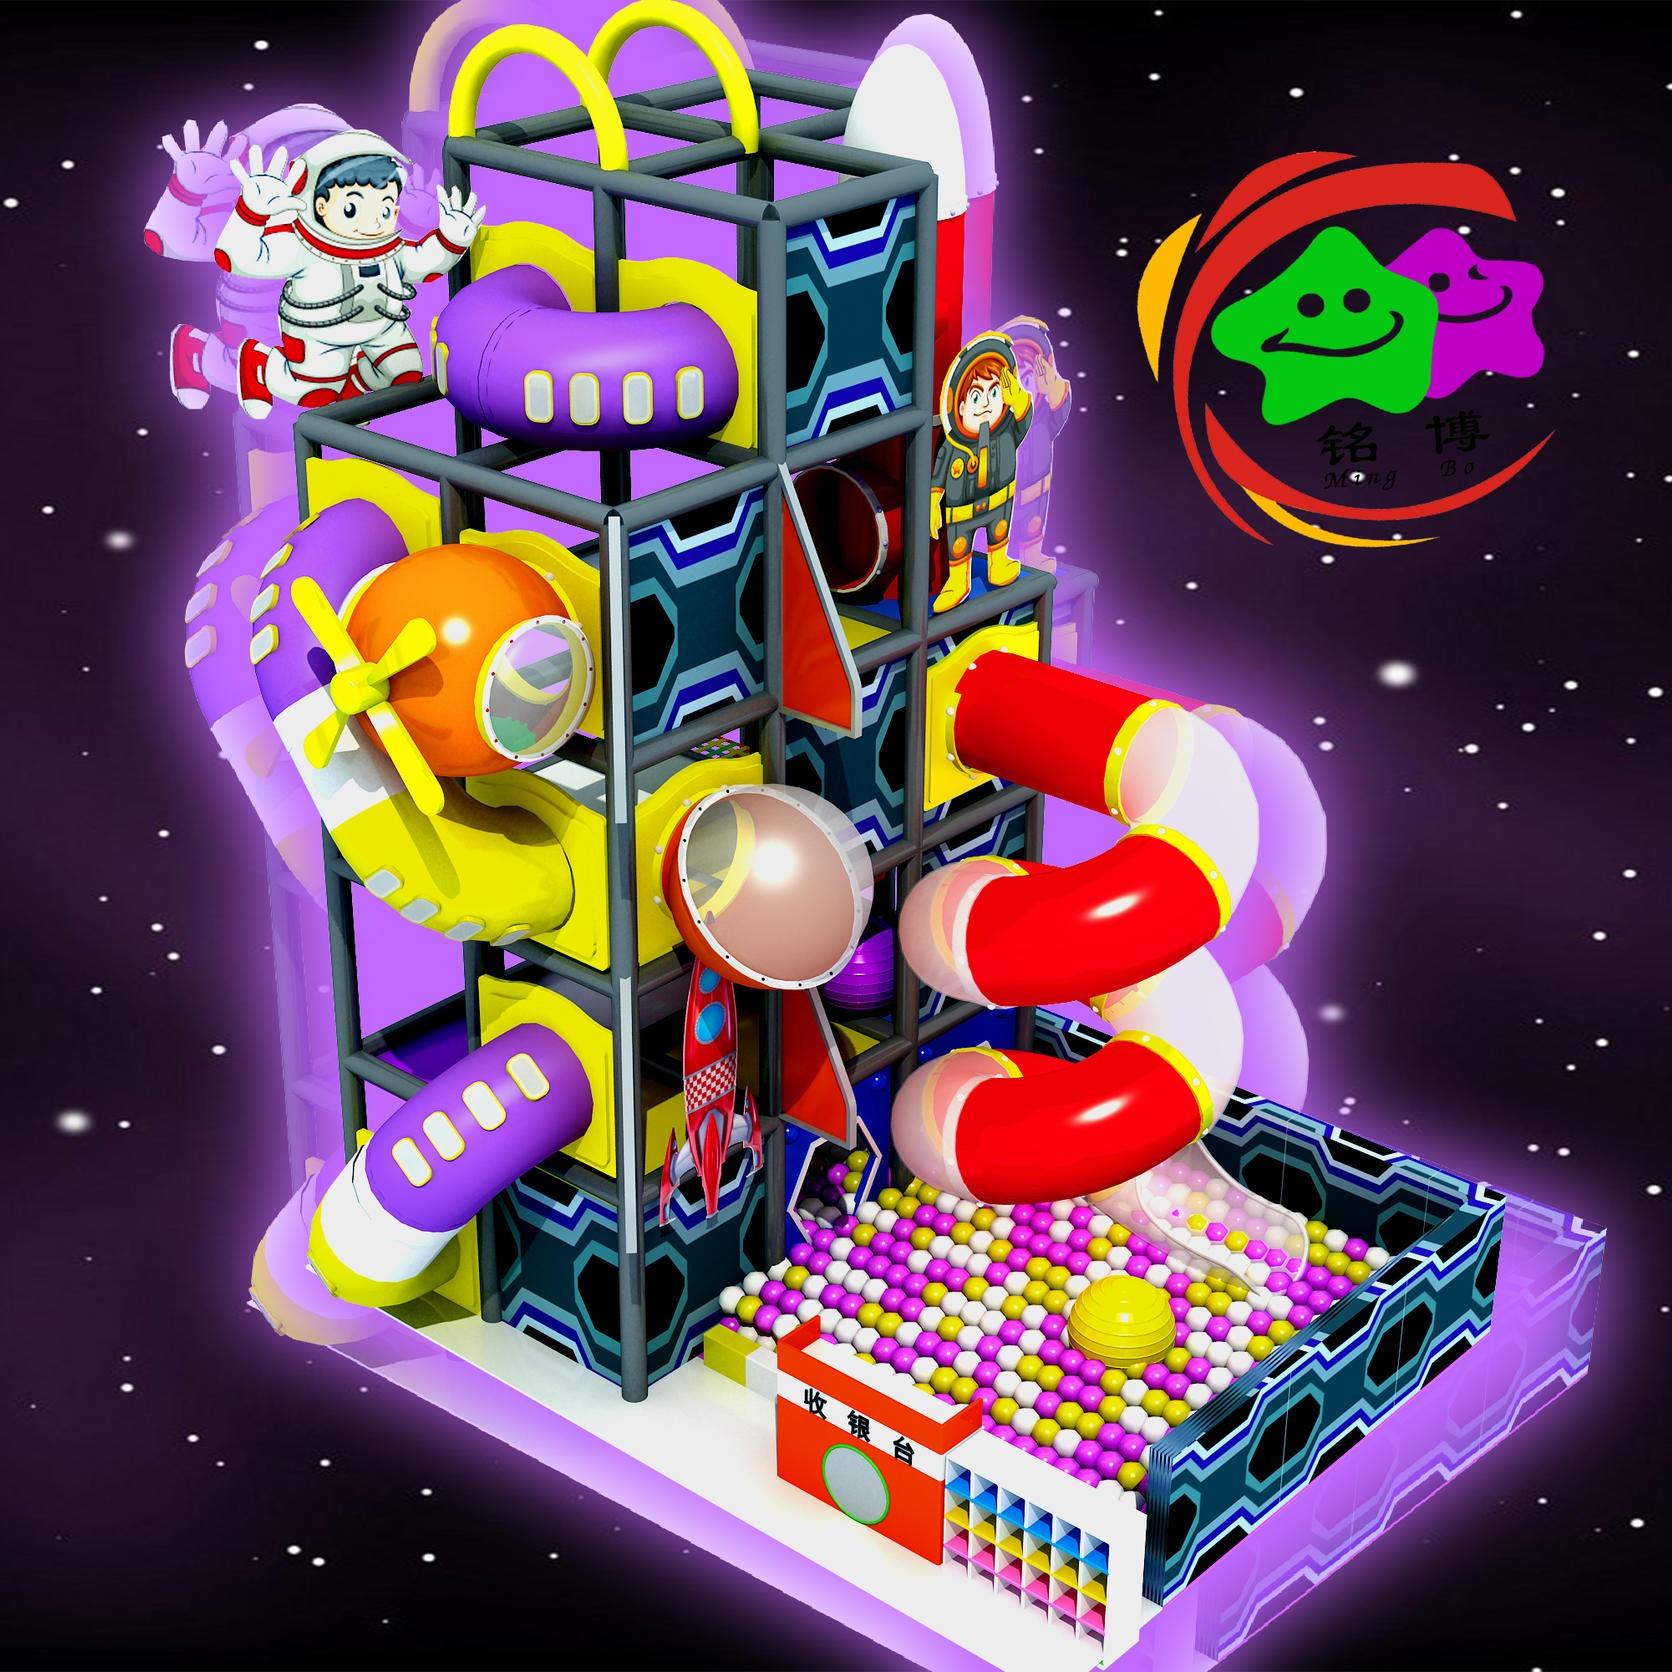 太空系列淘气堡   儿童乐园设备   新款淘气堡 游乐园设备   海洋淘气堡